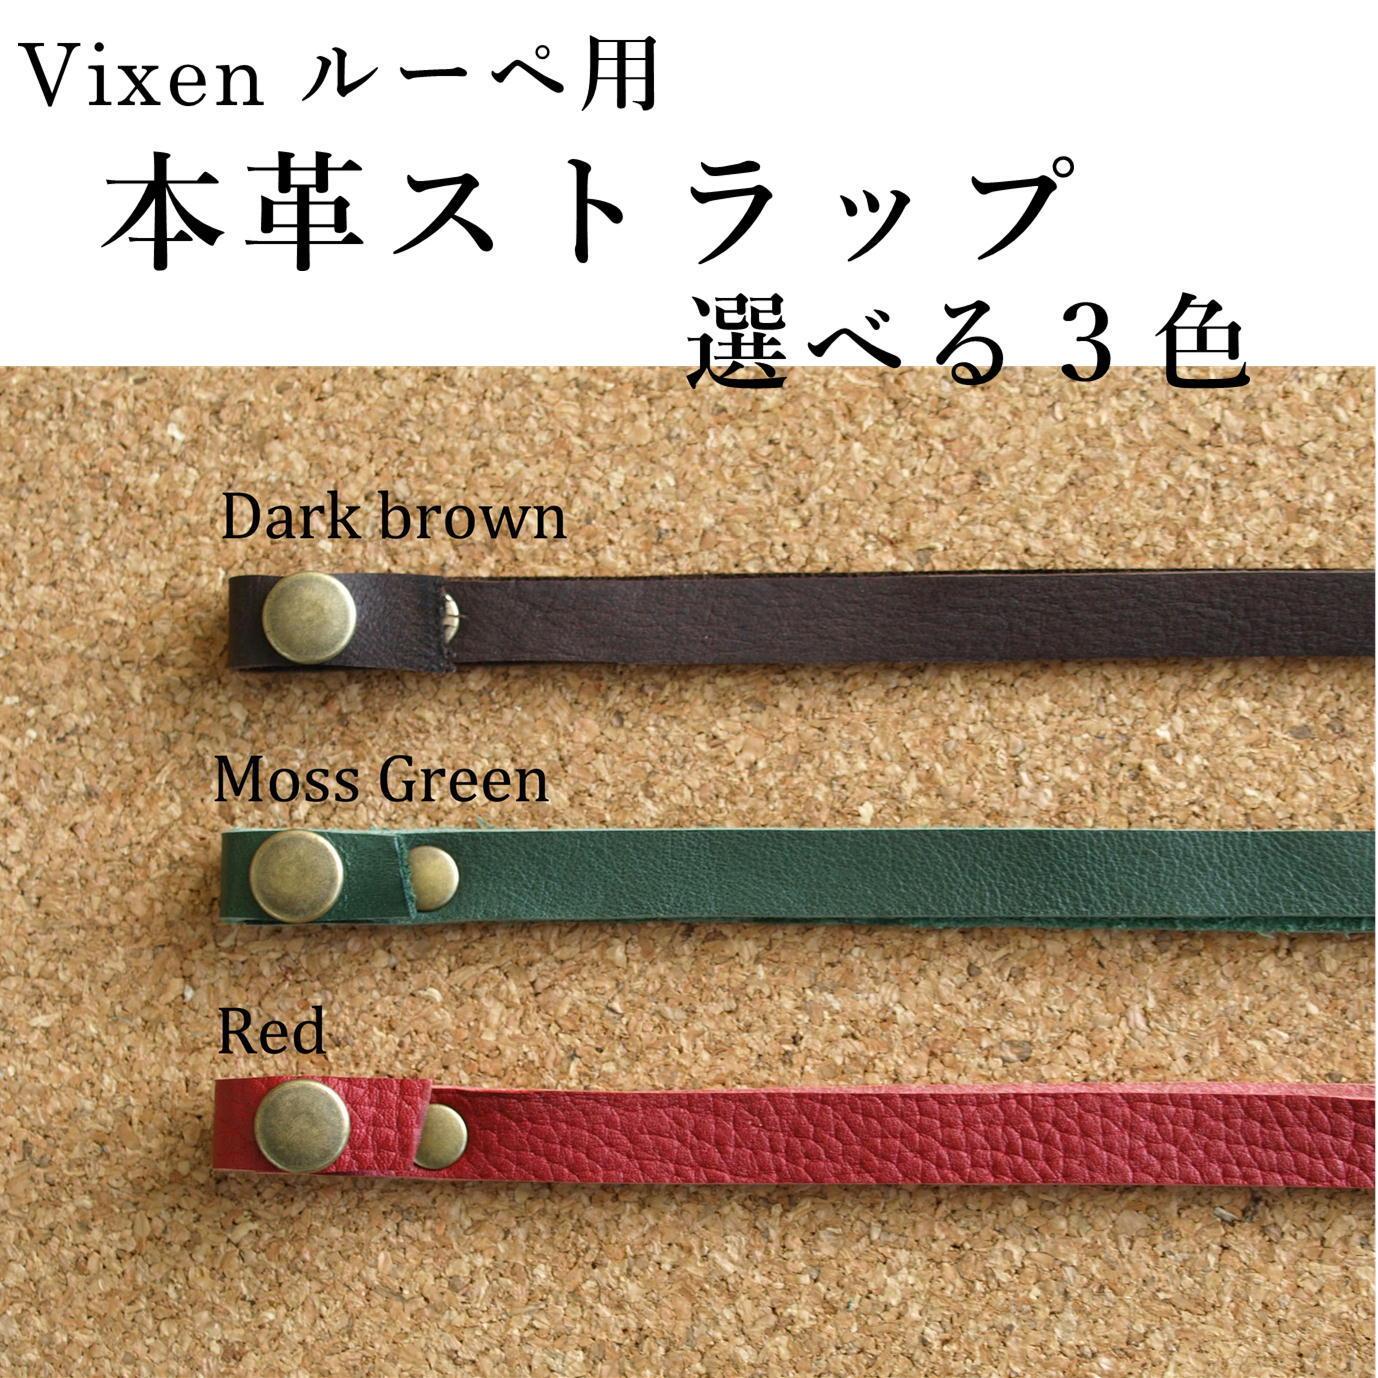 【コケ観察用】Vixenメタルフォルダールーペ用 ストラップ